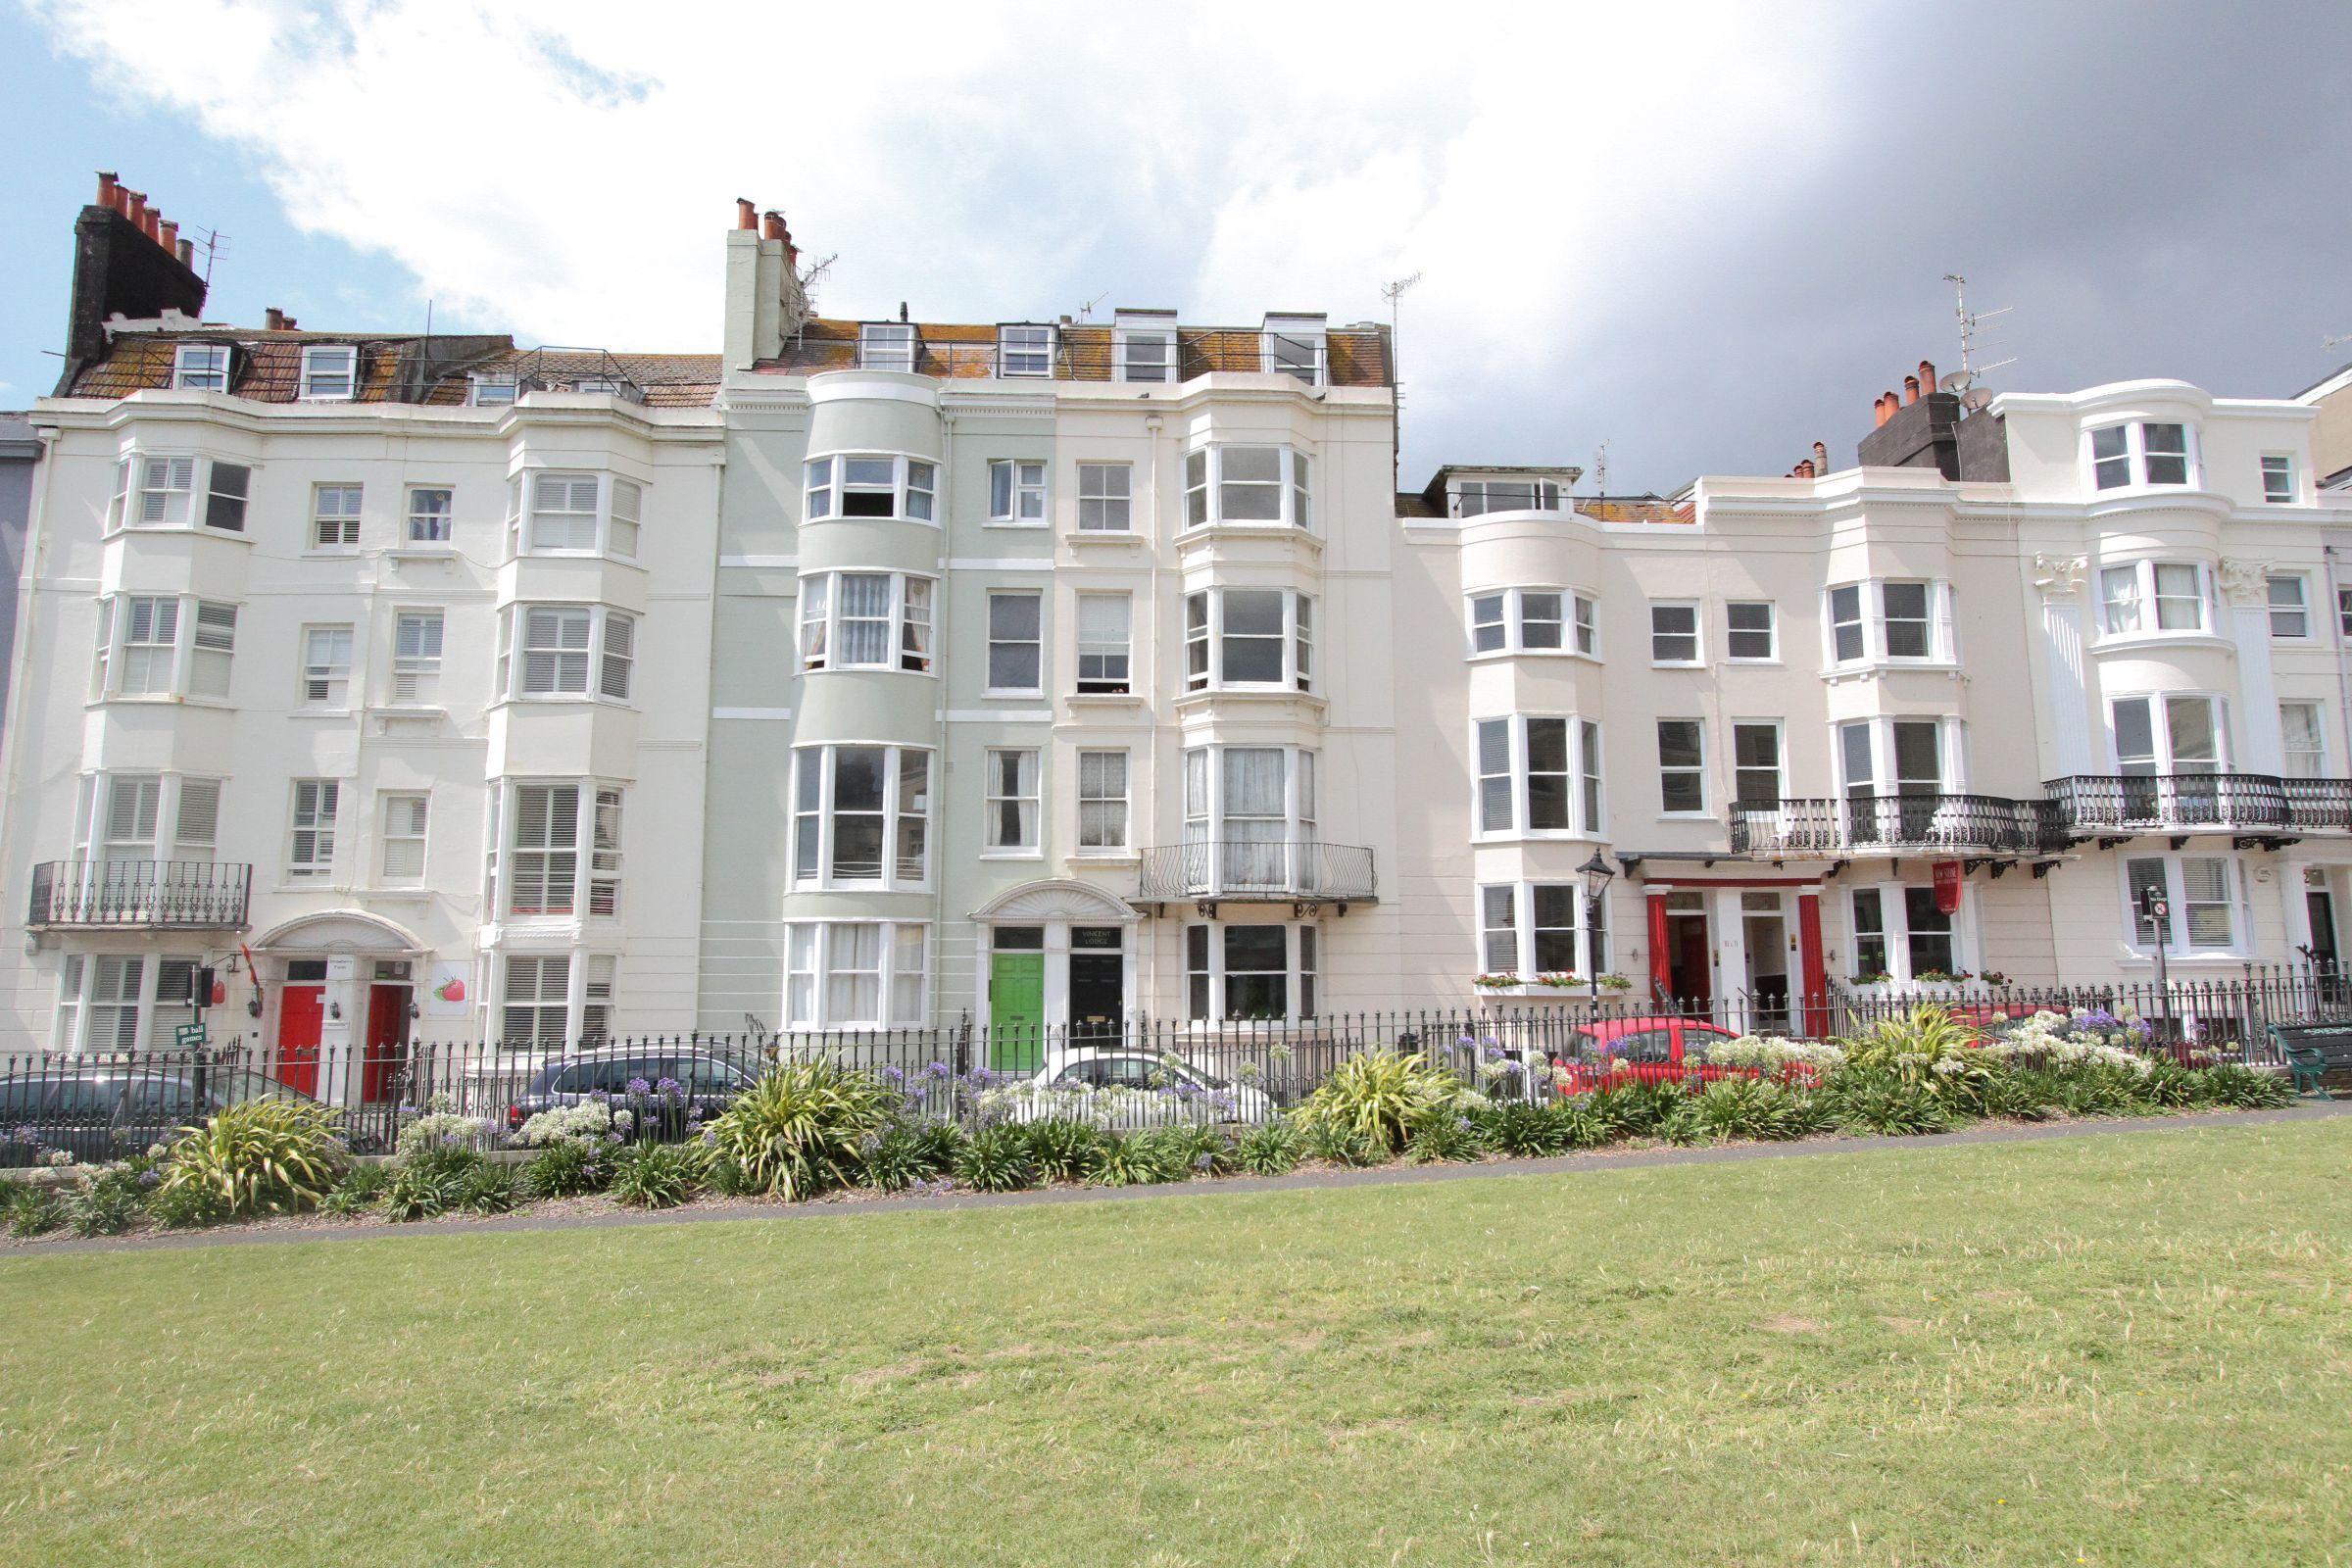 New Steine, Brighton